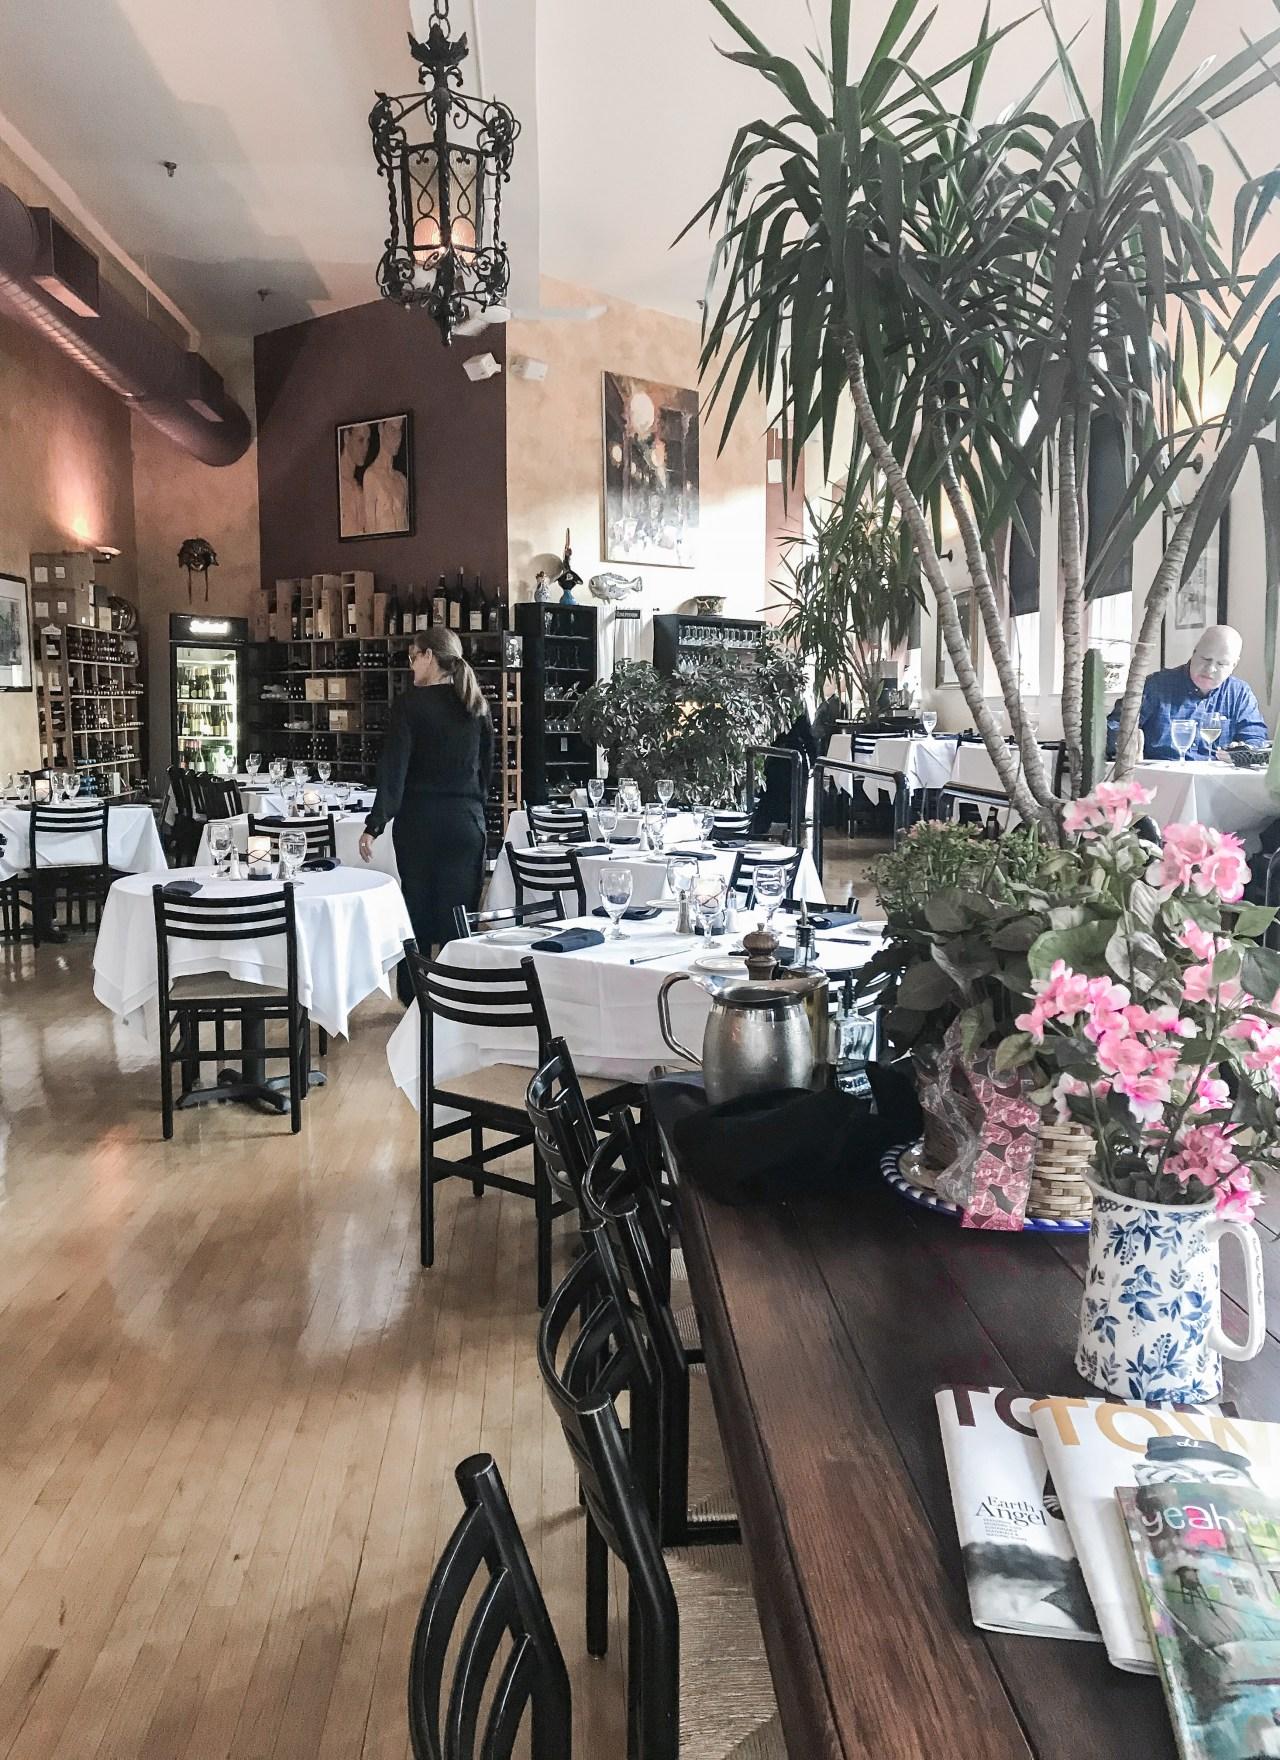 Where to Eat in Greenville, South Carolina - Ristorante Bergamo | Greenville Travel Guide